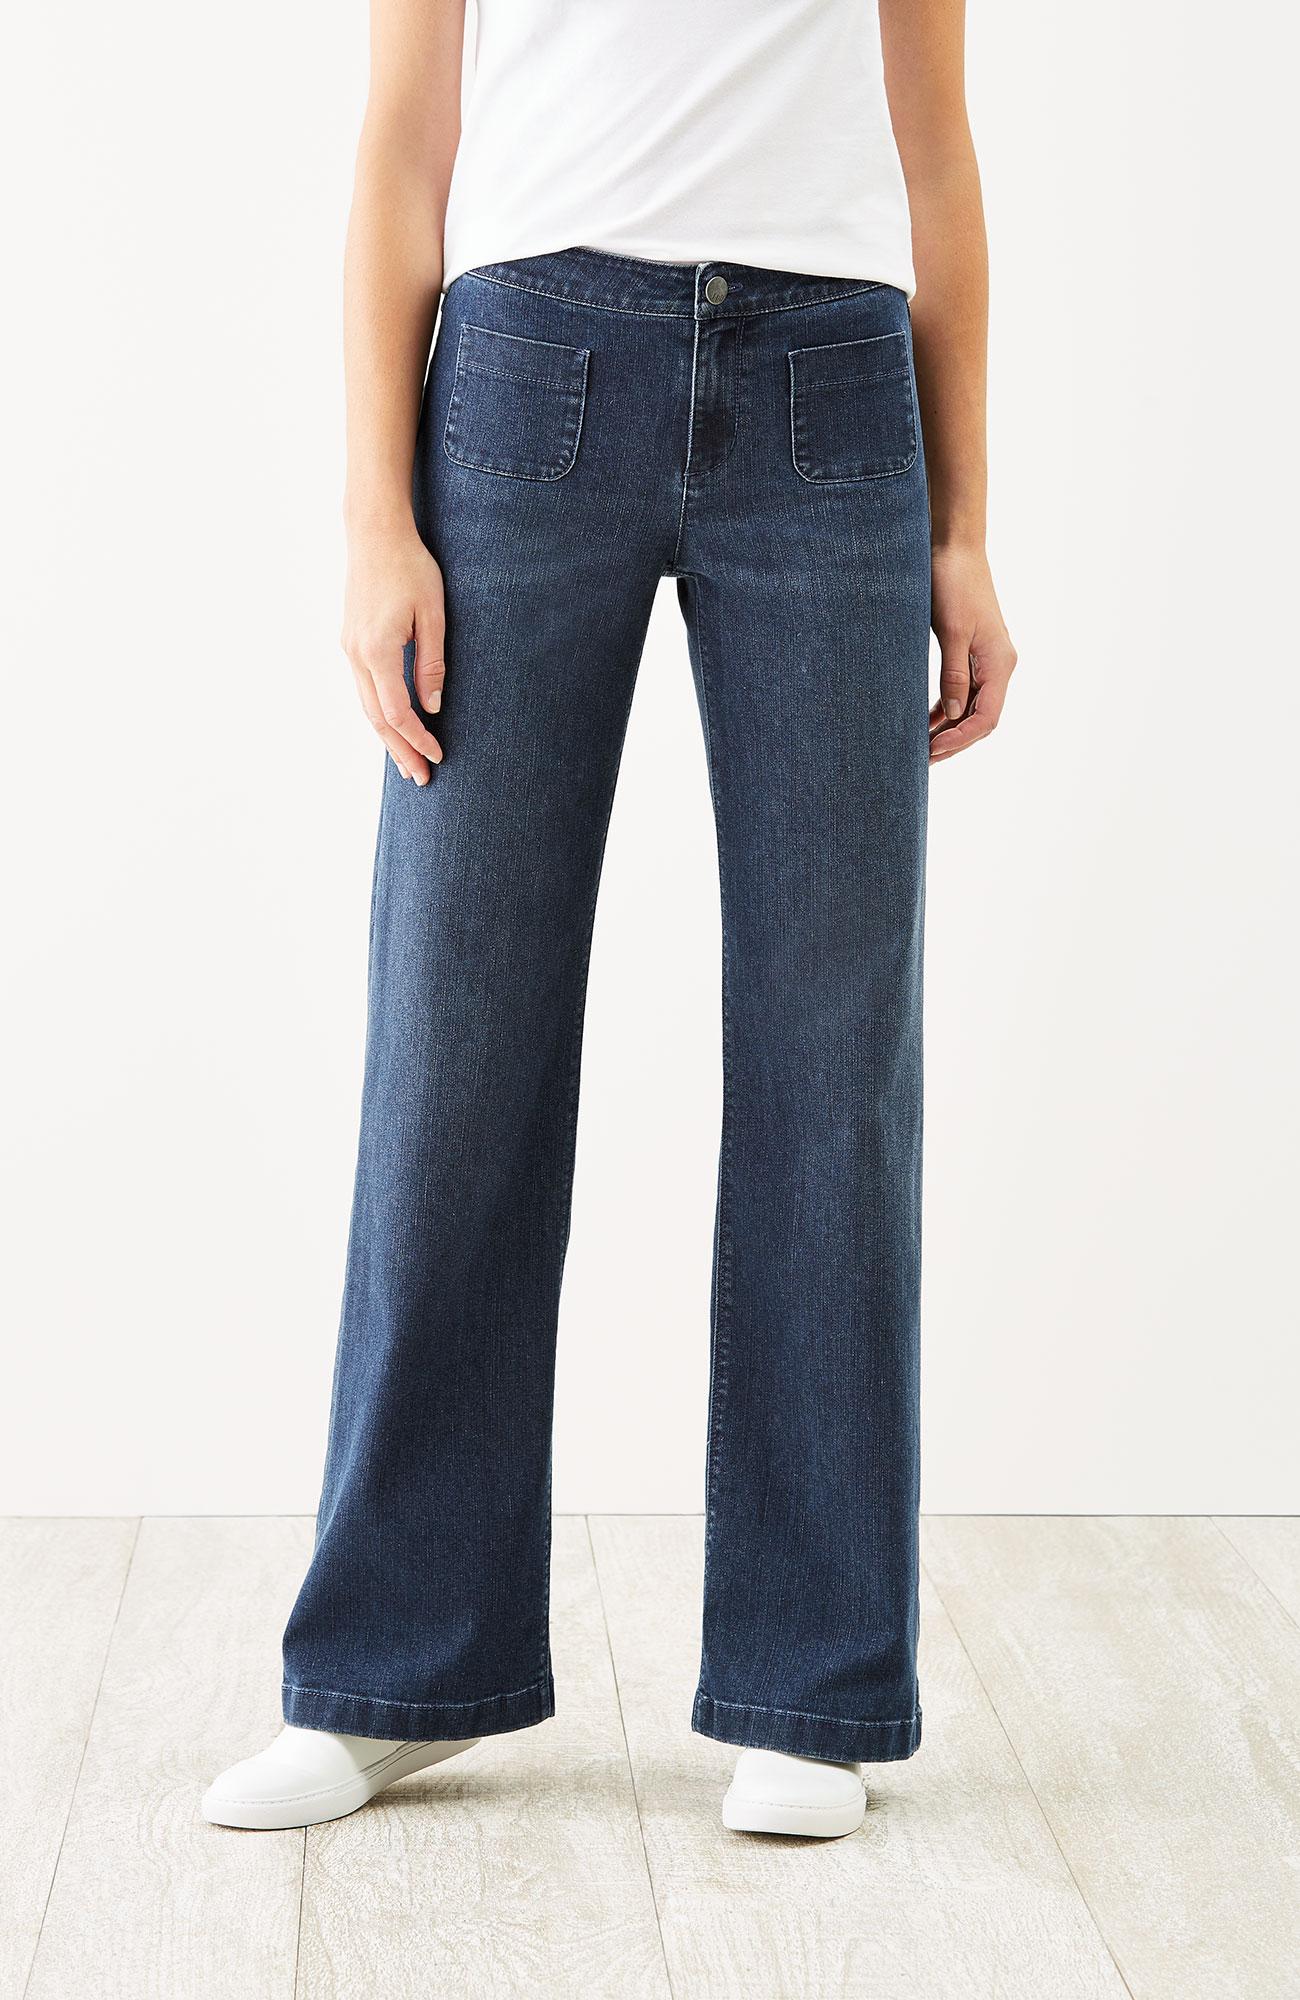 full-leg jeans